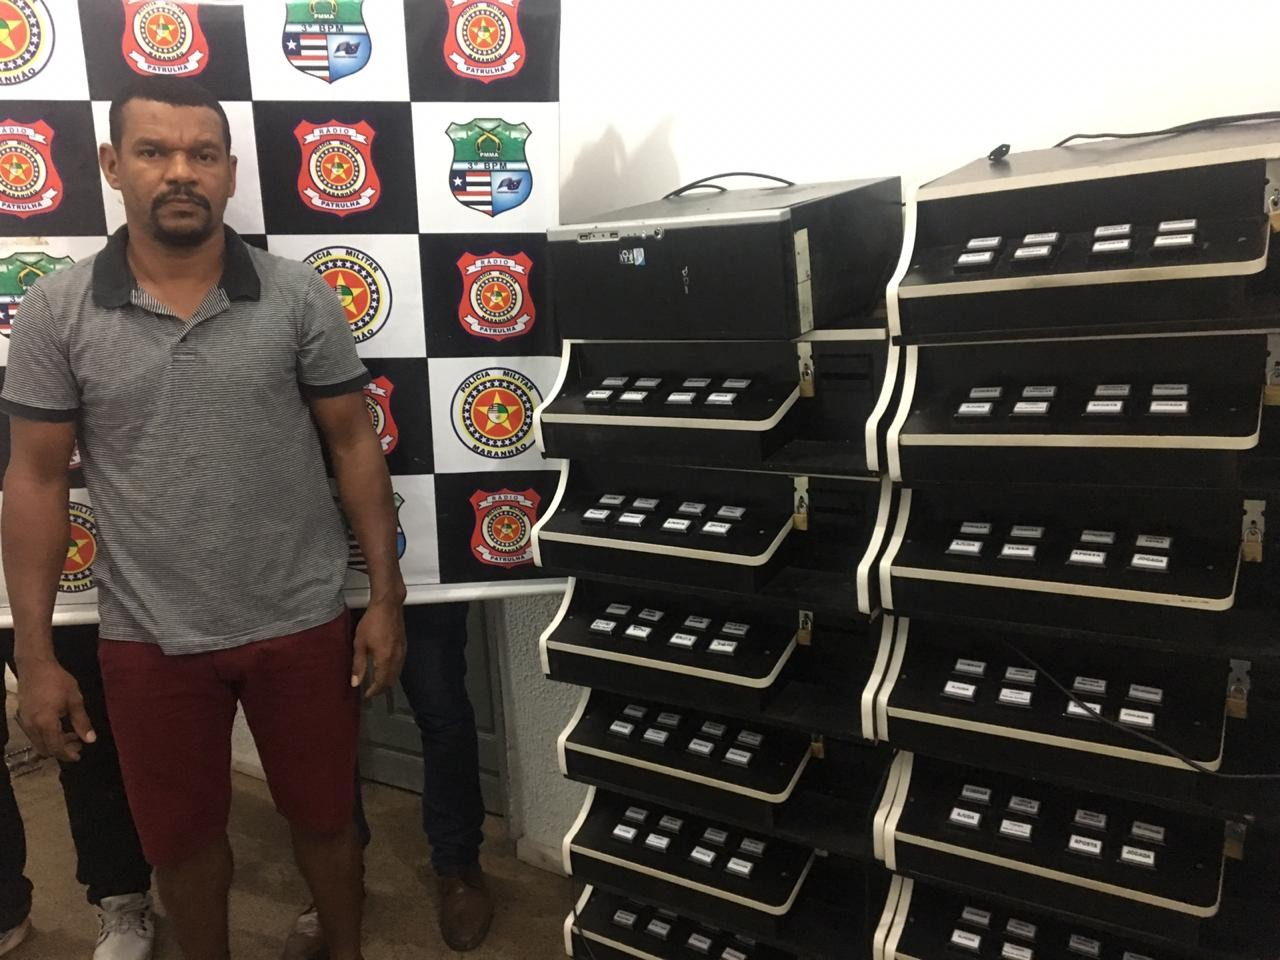 Polícia realiza operação e fecha casa de jogos de azar em Imperatriz